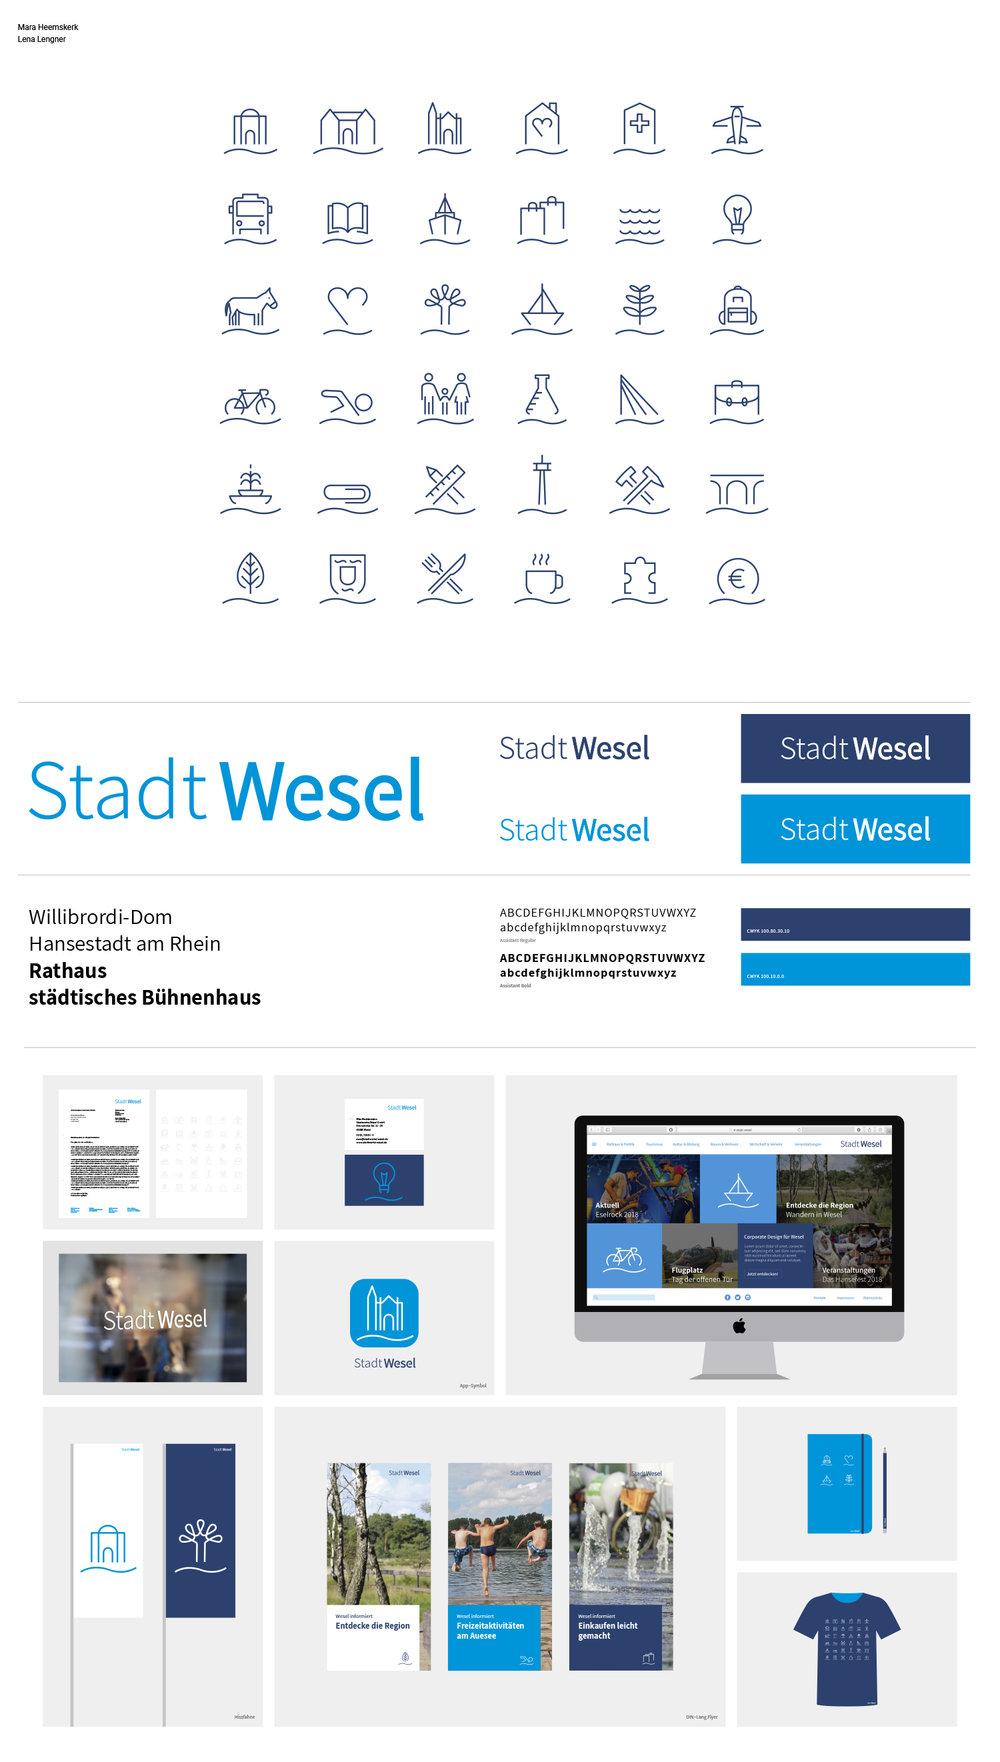 Heemskerk_Lengner_Wesel_Cardboard.jpg